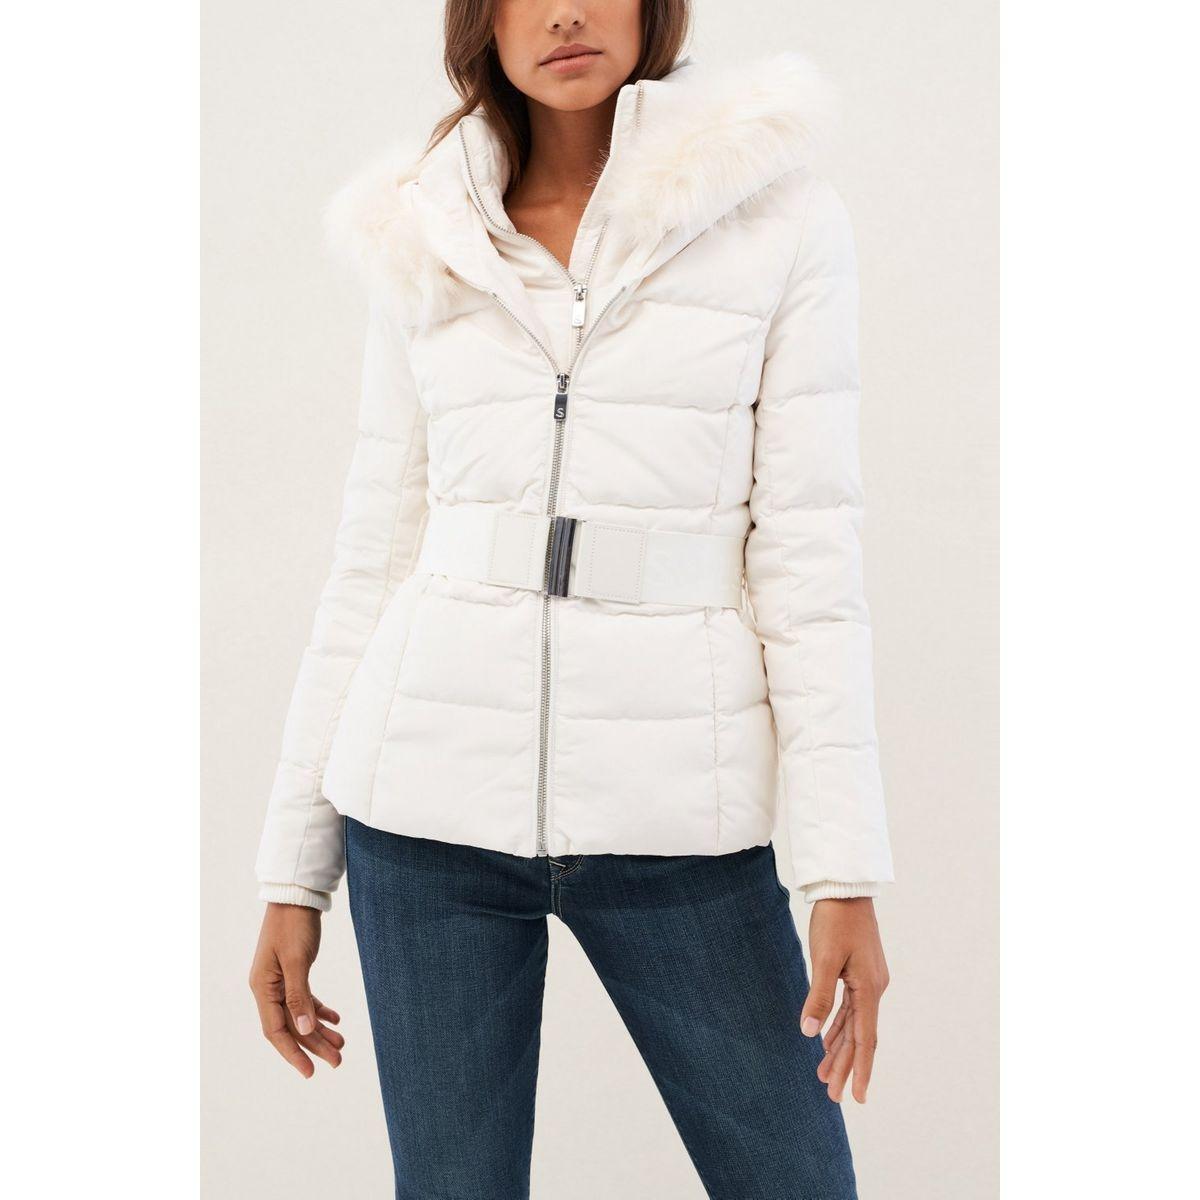 Manteau rembourré avec ceinture et capuche CHAMONIX